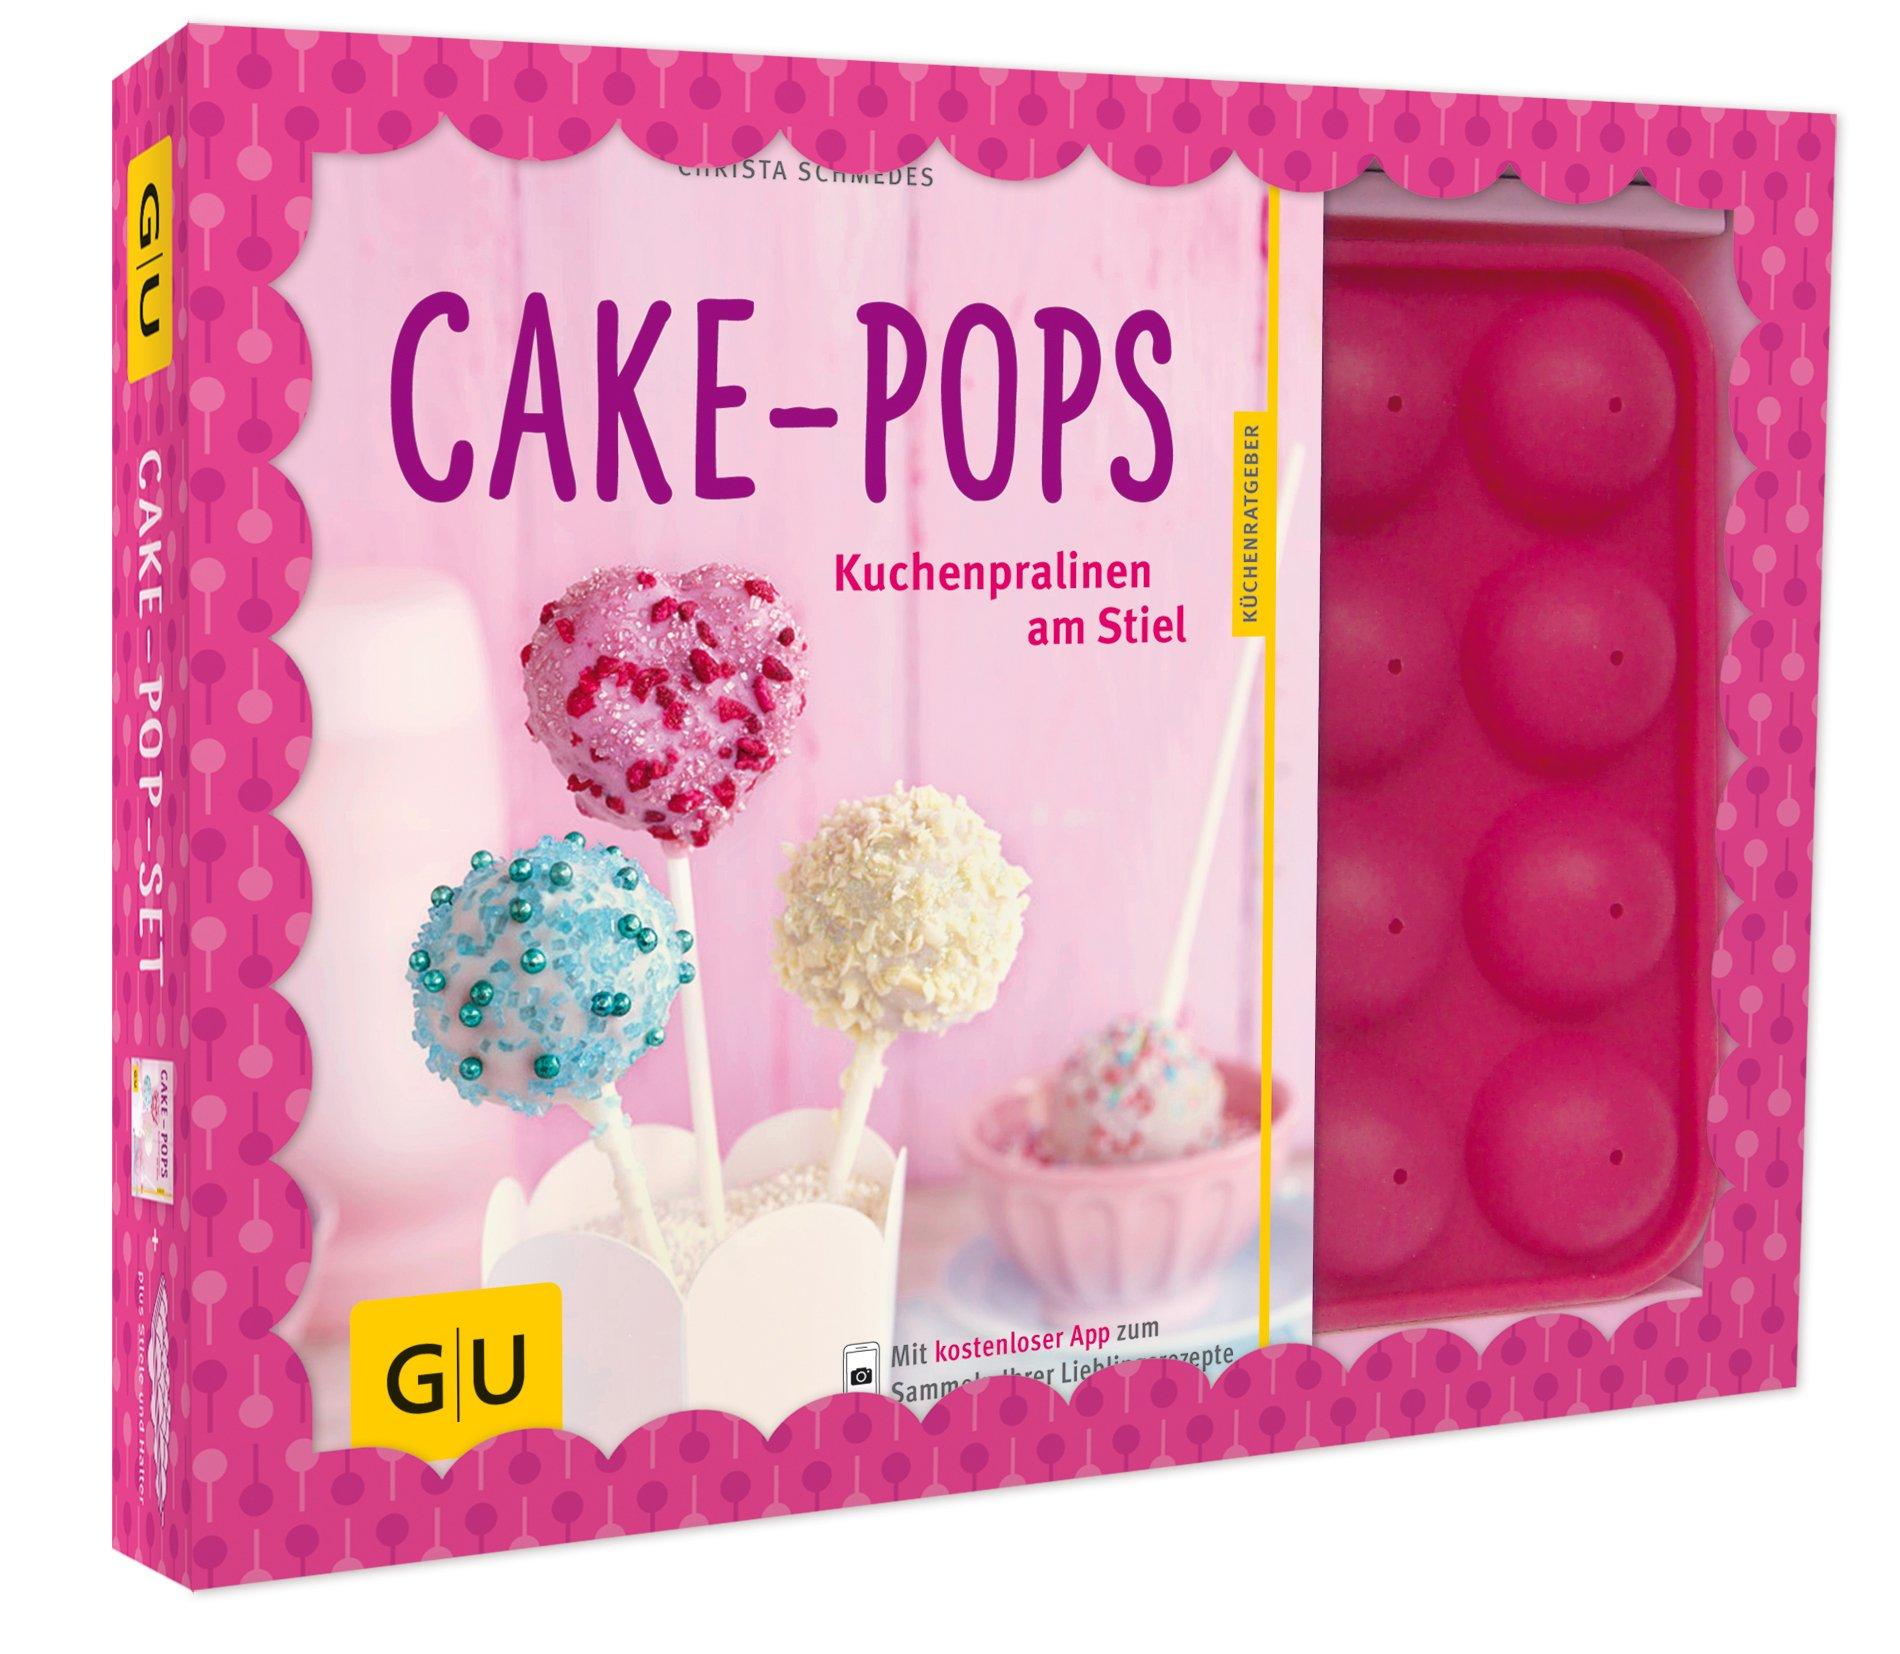 GU Gräfe und Unzer KüchenRatgeber Cake-Pop-Set + Silikonbackform Backbuch backen 8788 (GU BuchPlus) Taschenbuch – 8. Februar 2014 Christa Schmedes GRÄFE UND UNZER Verlag GmbH 3833838779 Backen / Kuchen